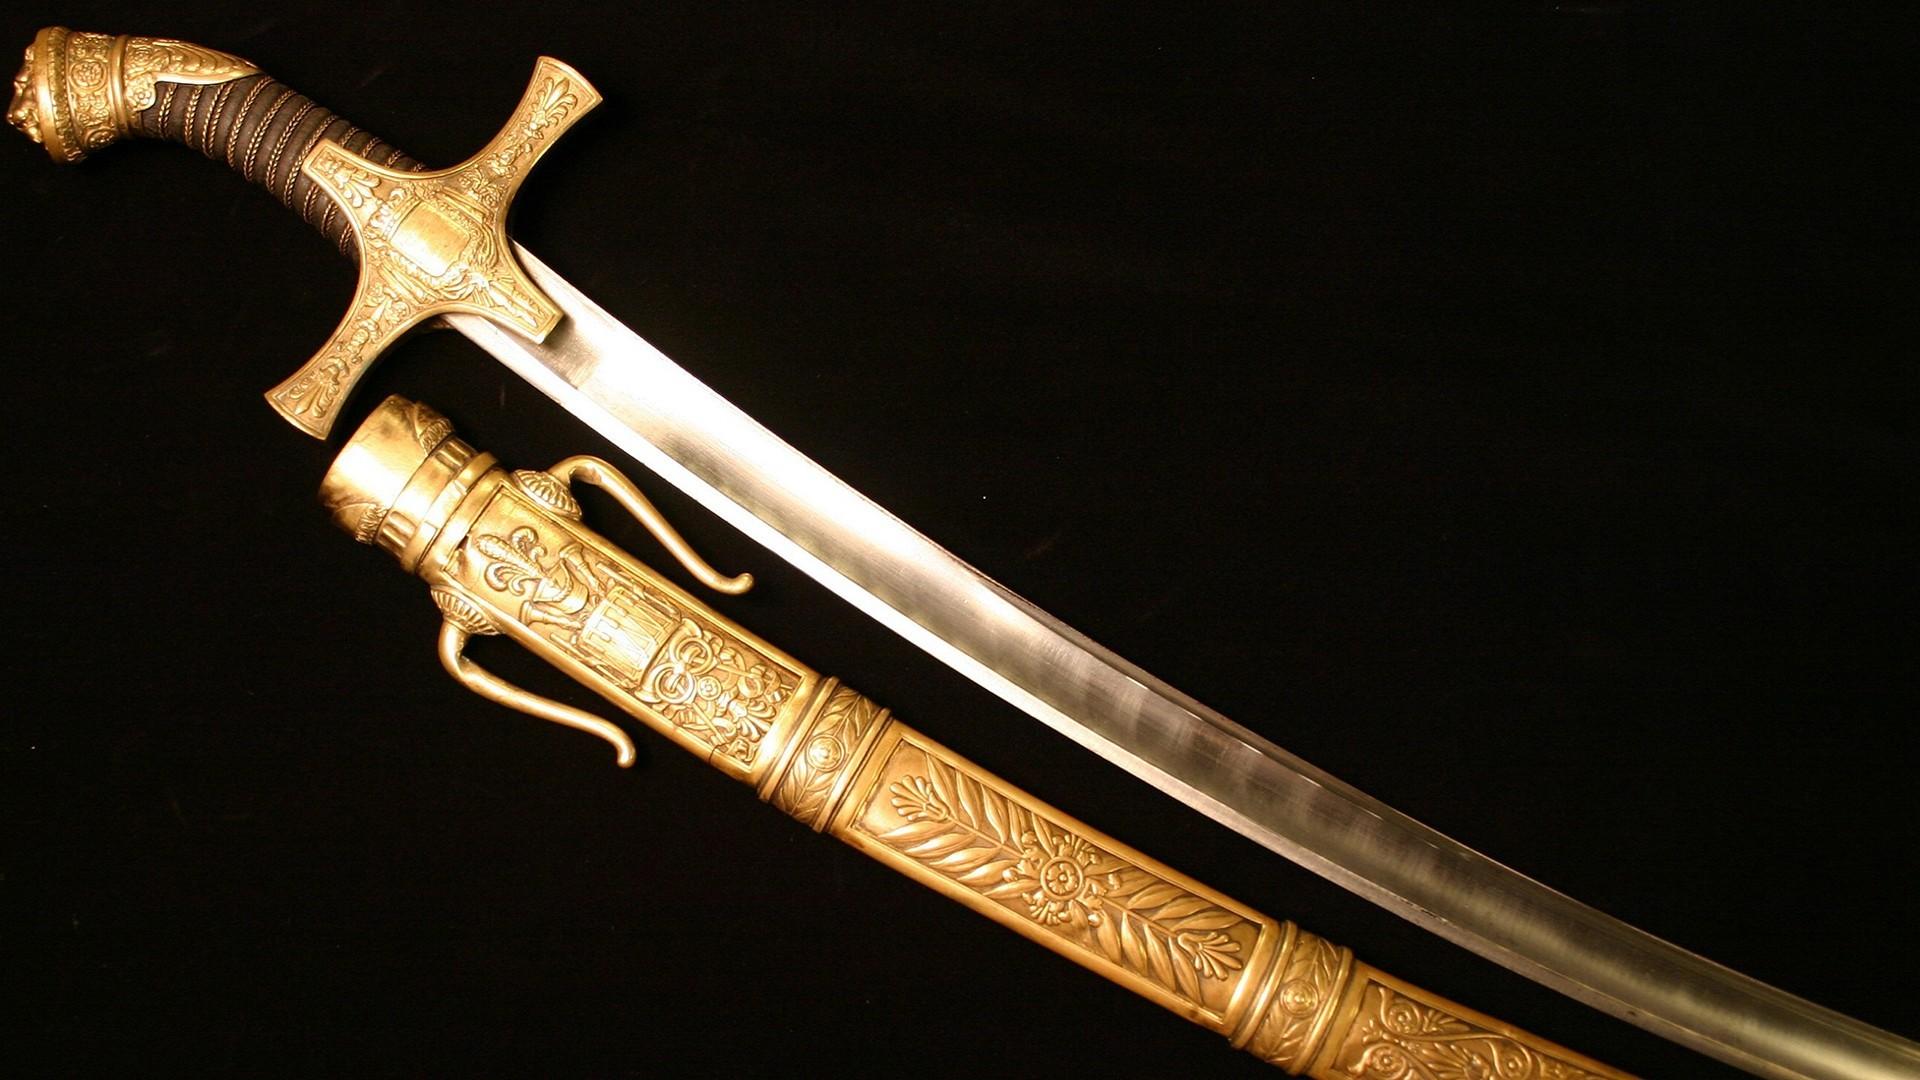 Weapons - Sword Wallpaper 1920x1080